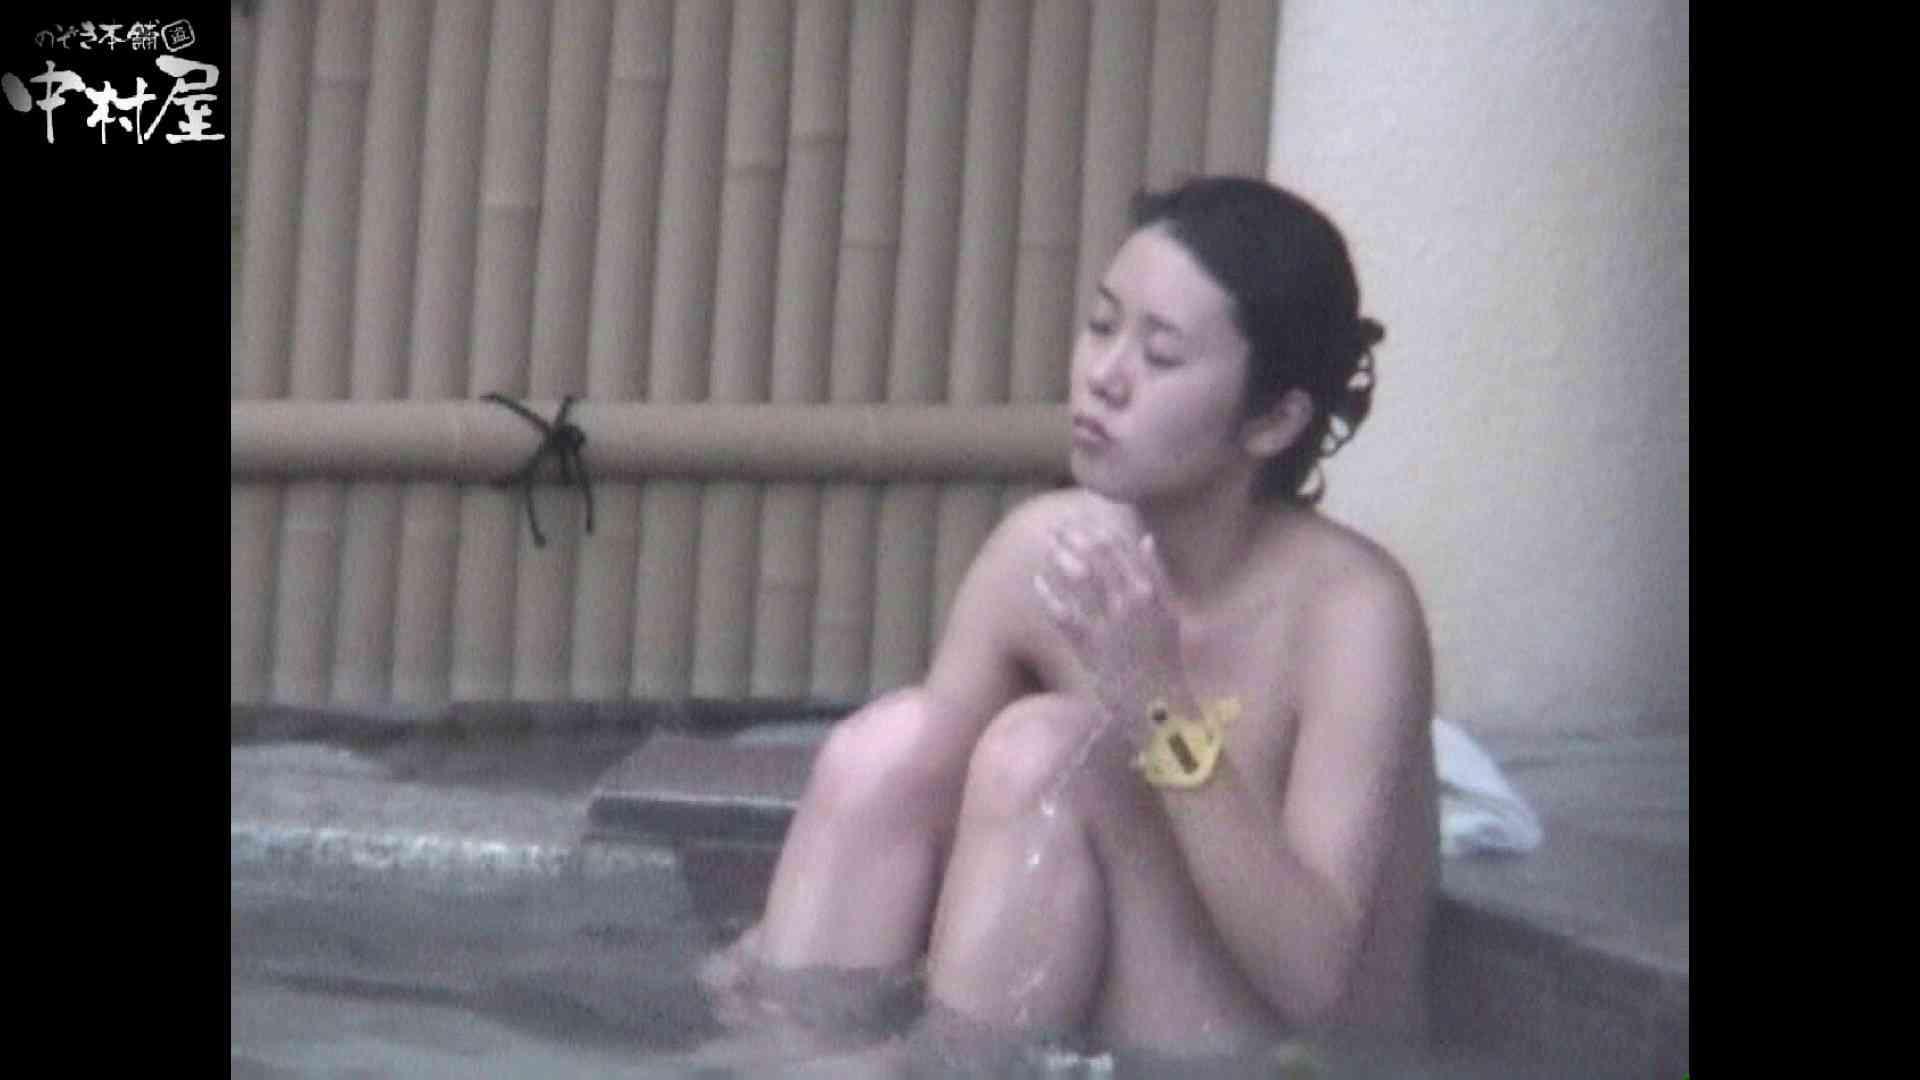 Aquaな露天風呂Vol.923 OLハメ撮り  91Pix 58